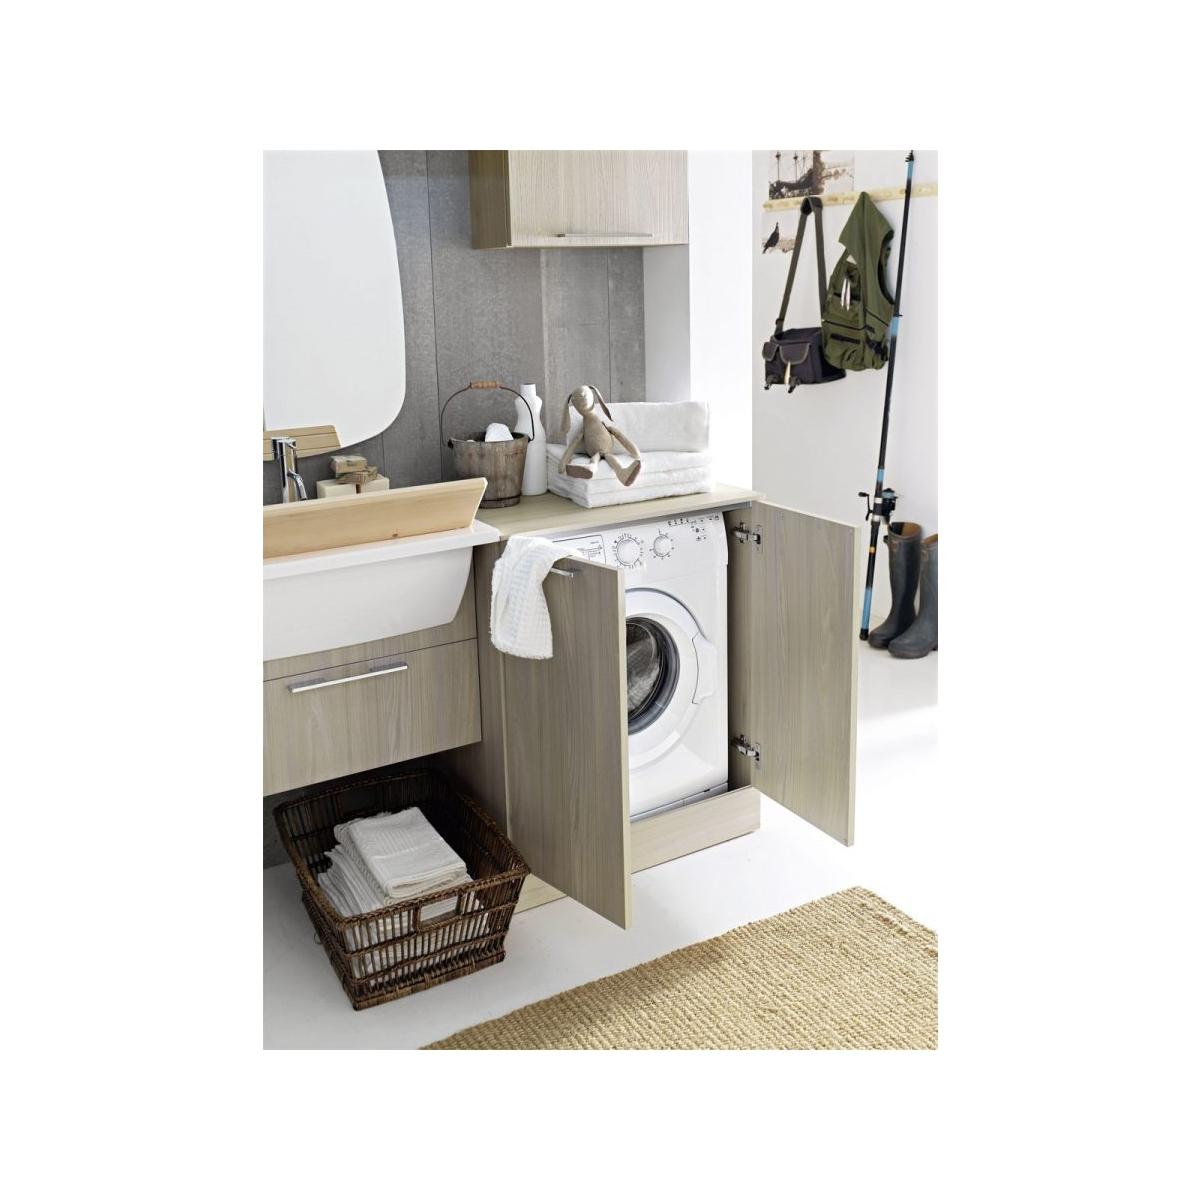 Mobile Bagno Con Colonna Lavatrice arbi arredobagno composizione bagno/lavanderia con mobile